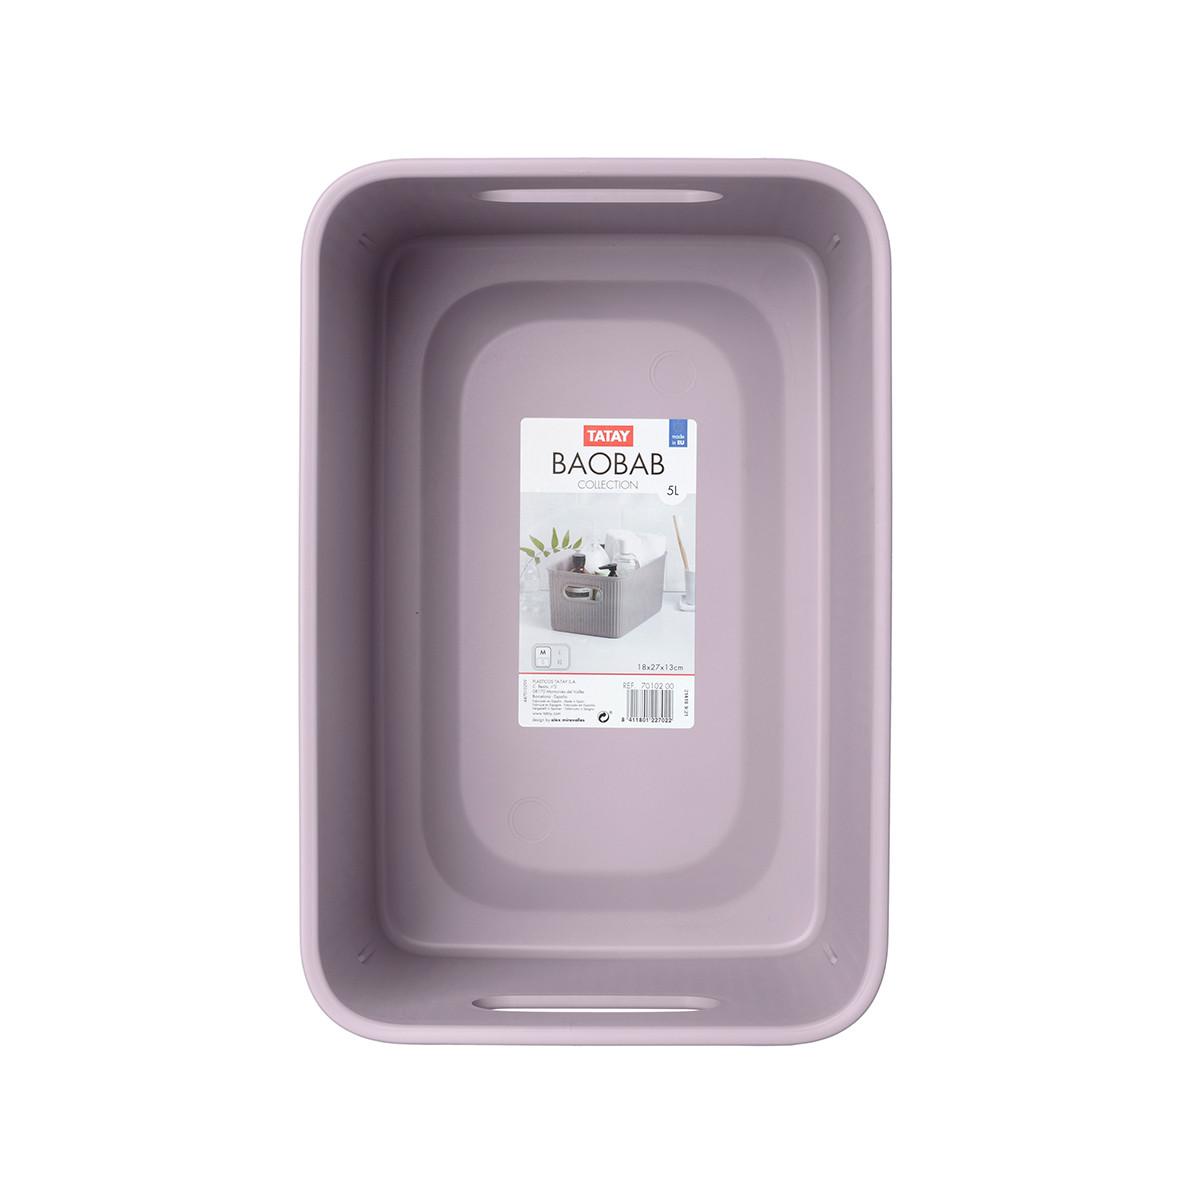 Κουτί Αποθήκευσης Tatay Baobab Small 70101.02 Lilac